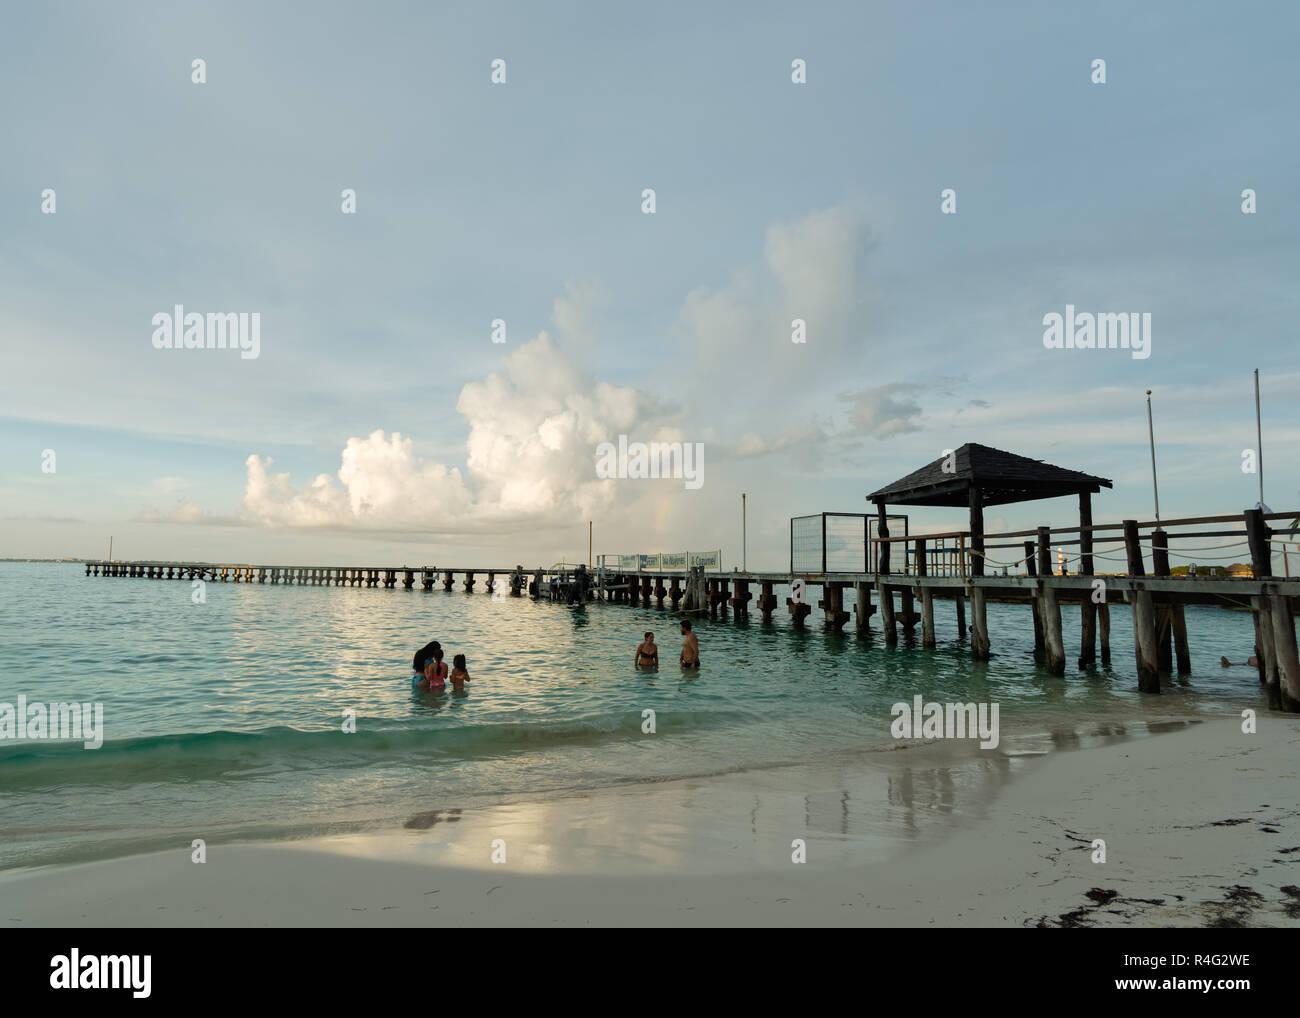 Playa Tropical y muelle de madera, Playa Caracol, el Boulevard Kukulcan, Zona Hotelera, Cancún, México, en septiembre 8, 2018 Imagen De Stock